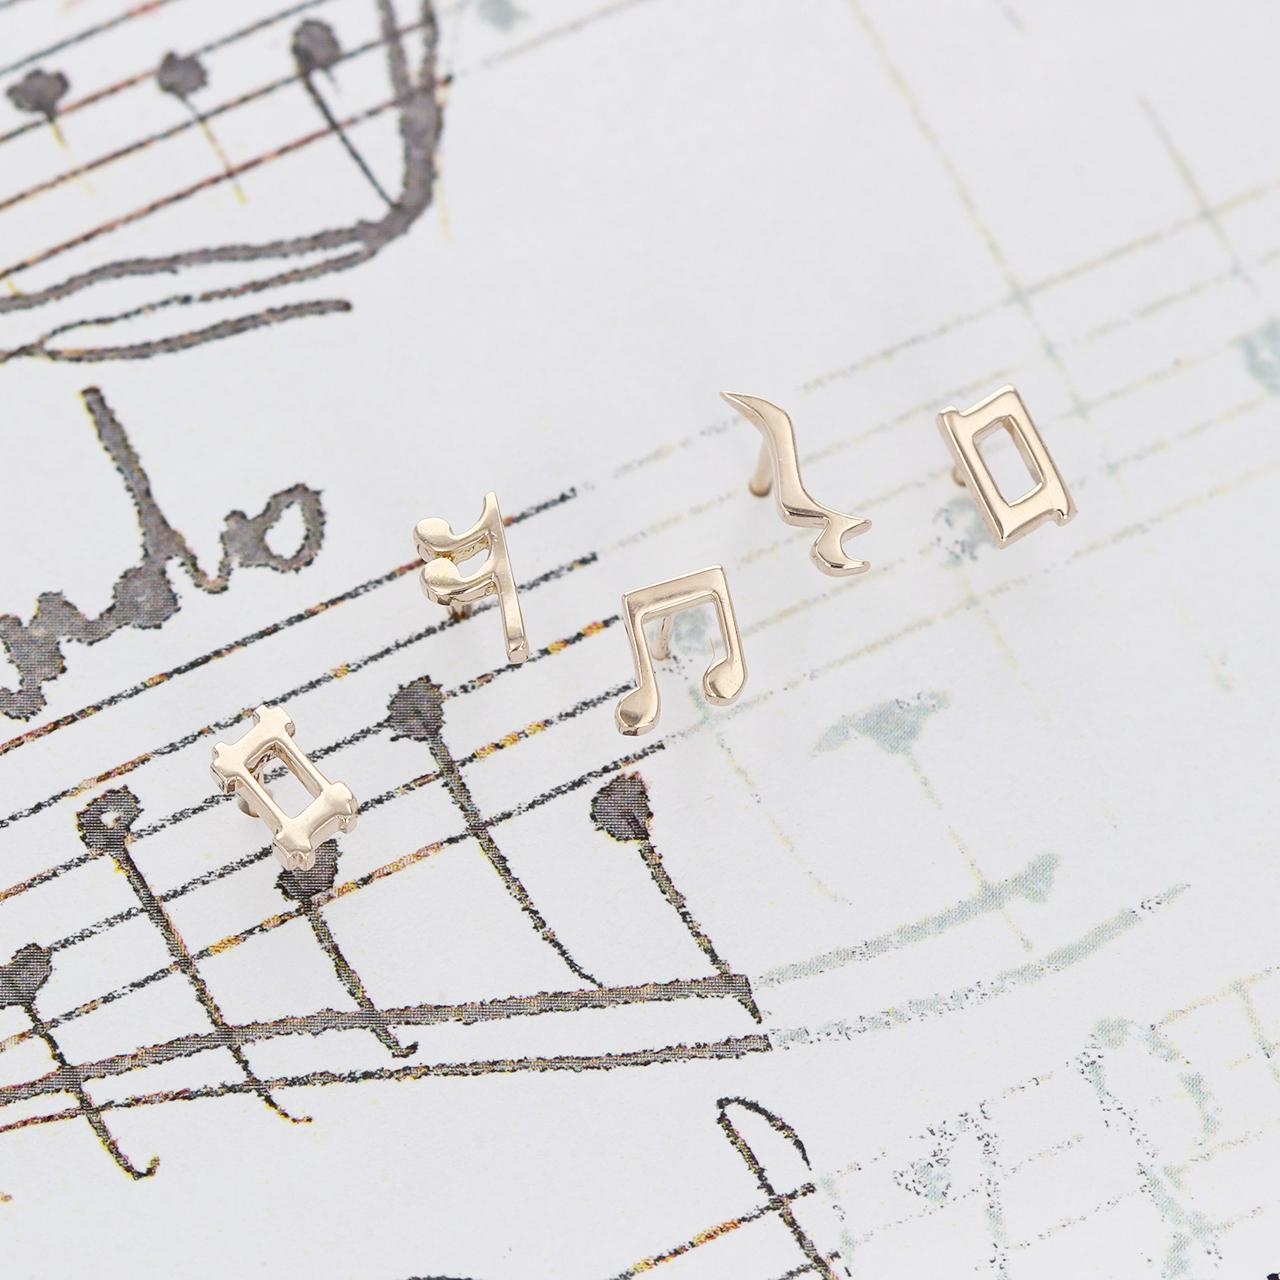 K10 / ピアス (片耳) / 音符のデザイン 少し小さいスタッドピアスシリーズ(5本セット)